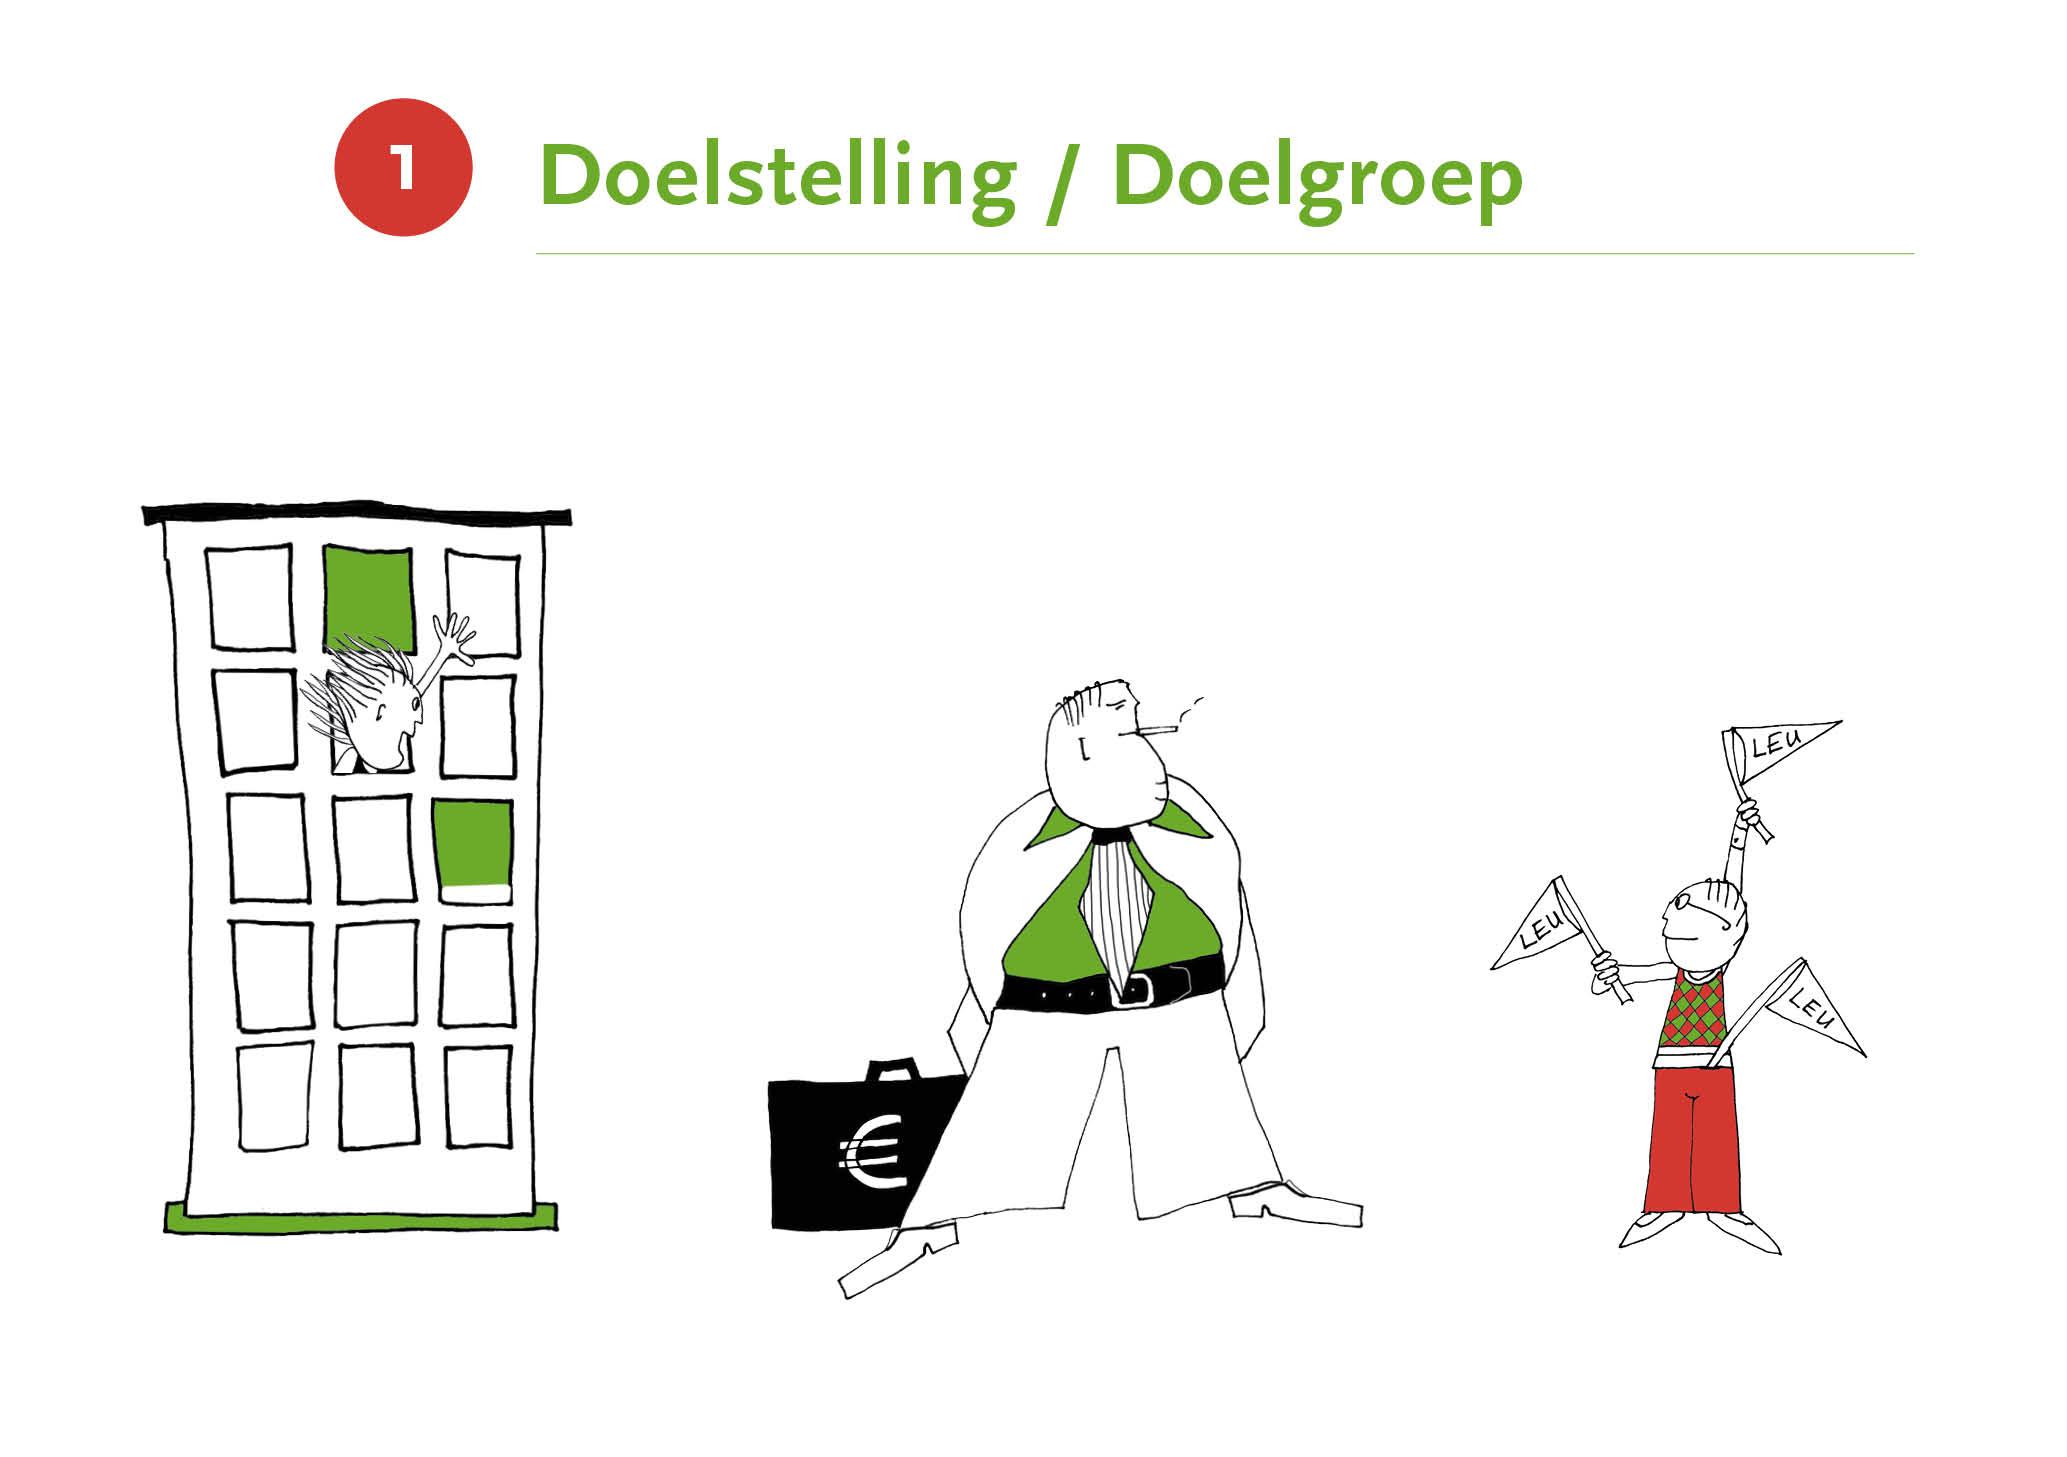 Illustratie met als titel 'Doelstelling/Doelgroep'